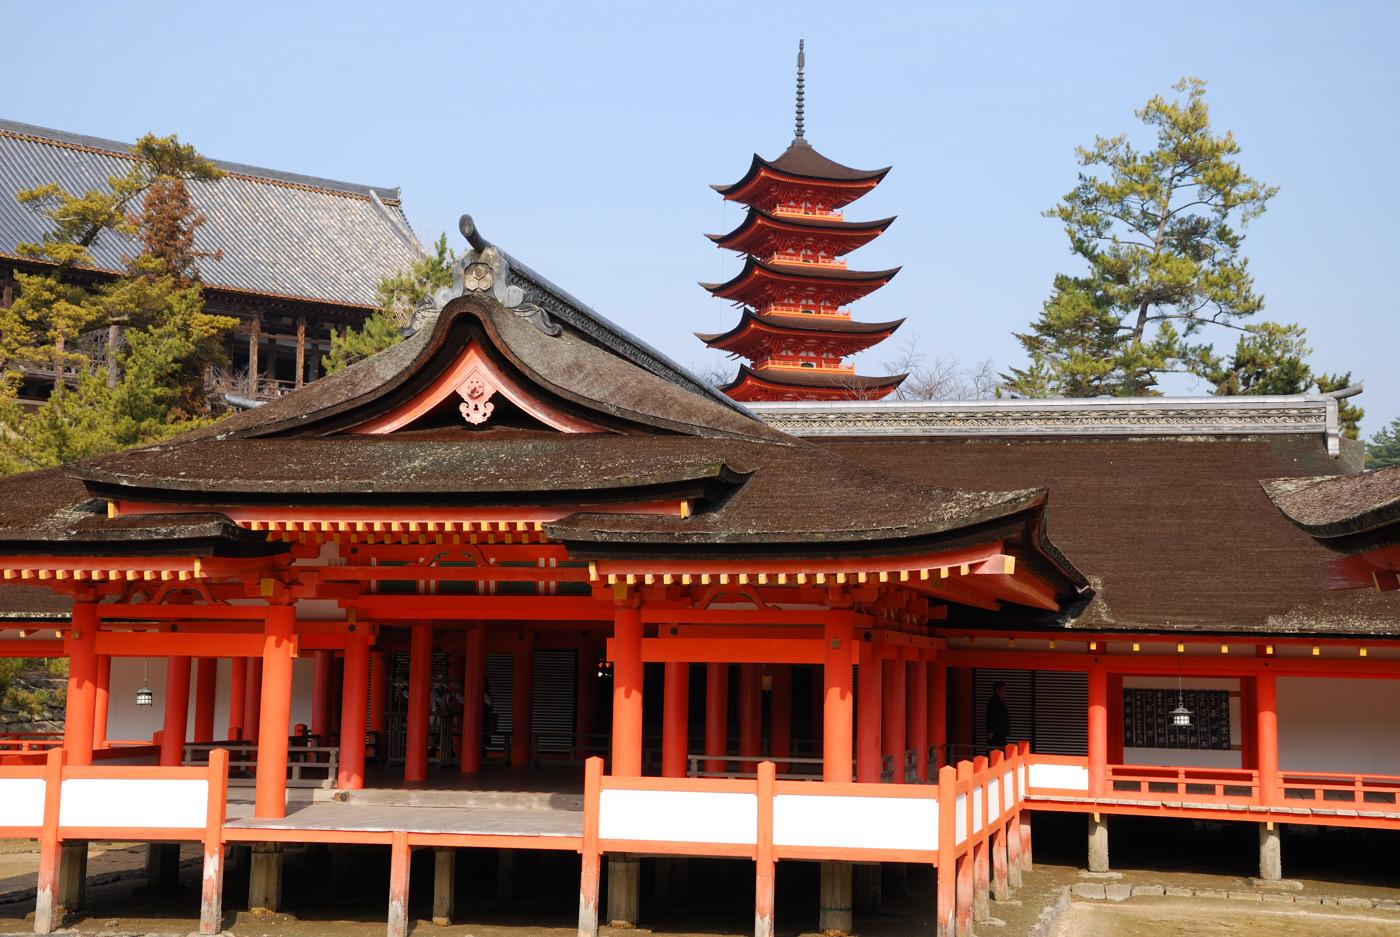 厳島神社の本殿から五重塔を38mm(57mm)で撮影